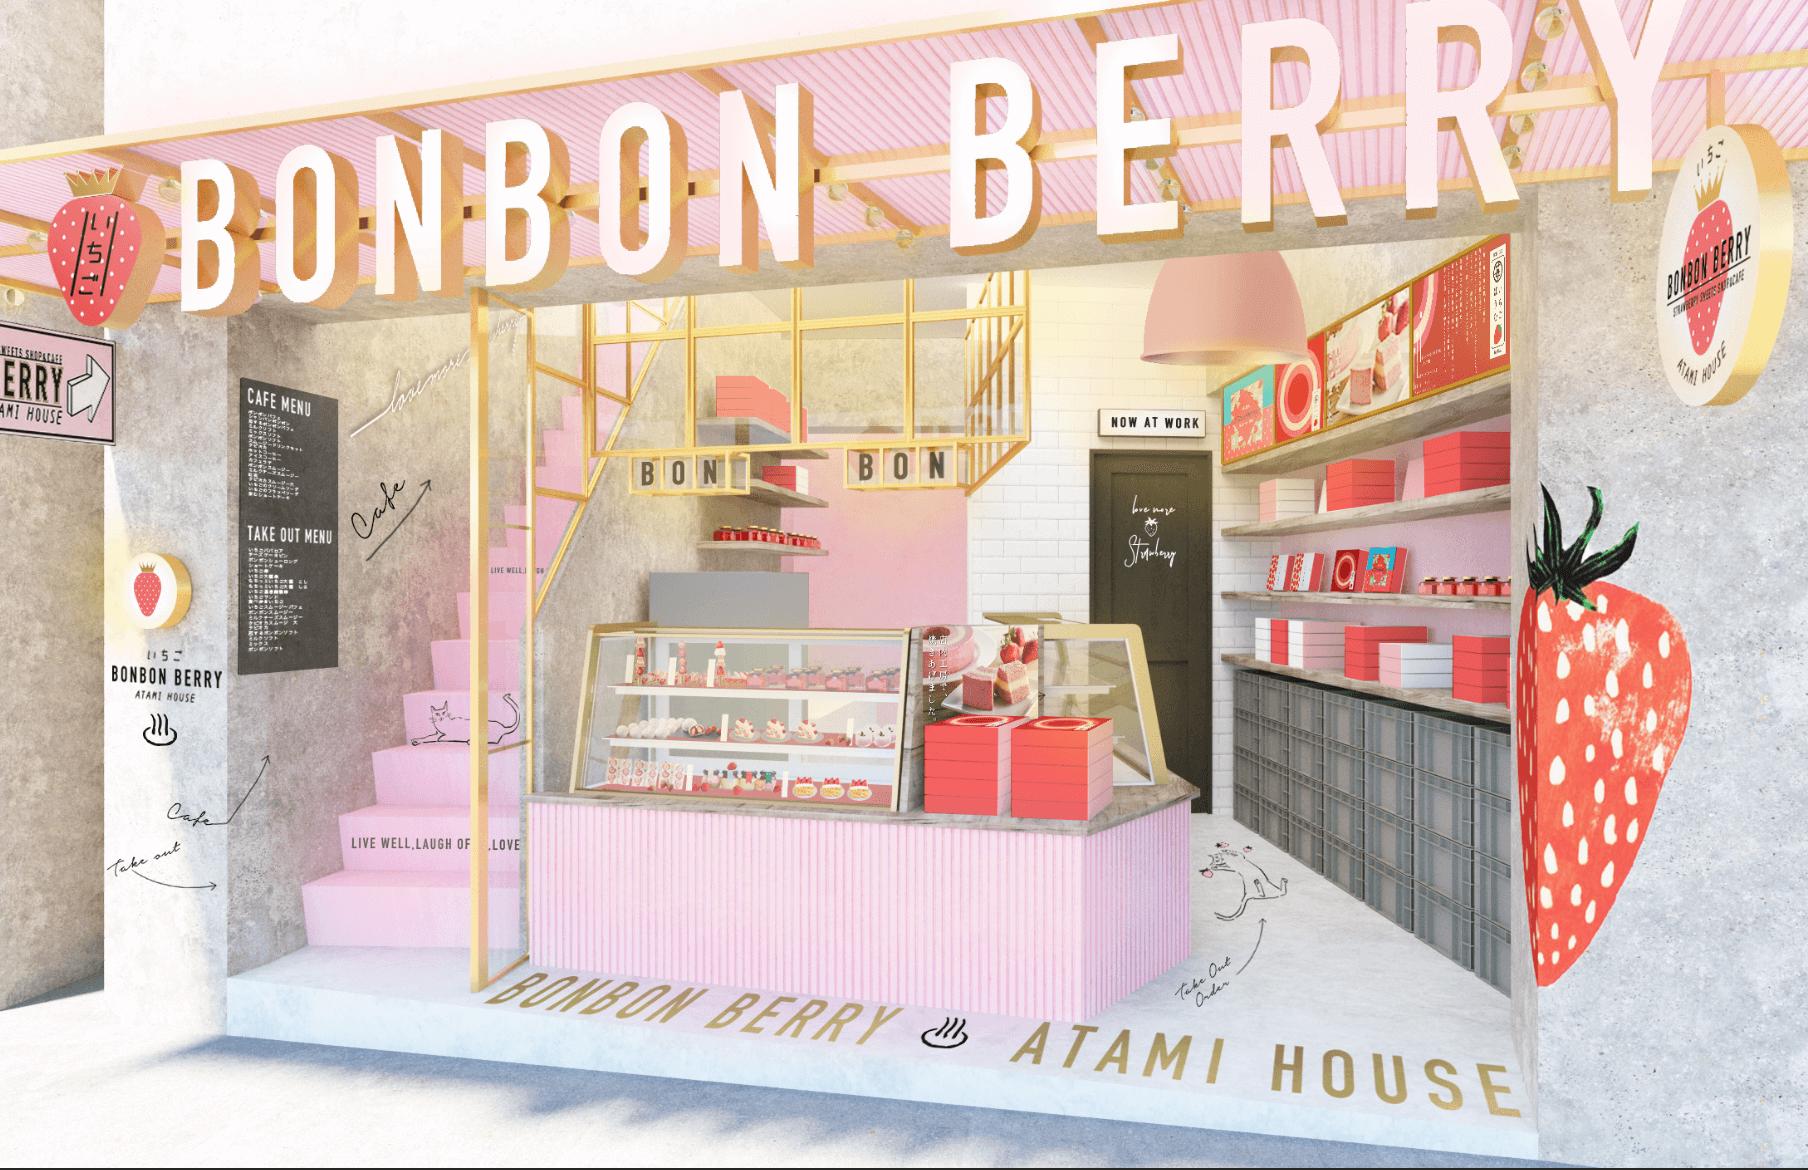 1階パース 熱海 いちごスイーツ専門店 いちごBonBonBerry 熱海ハウス atami housepng